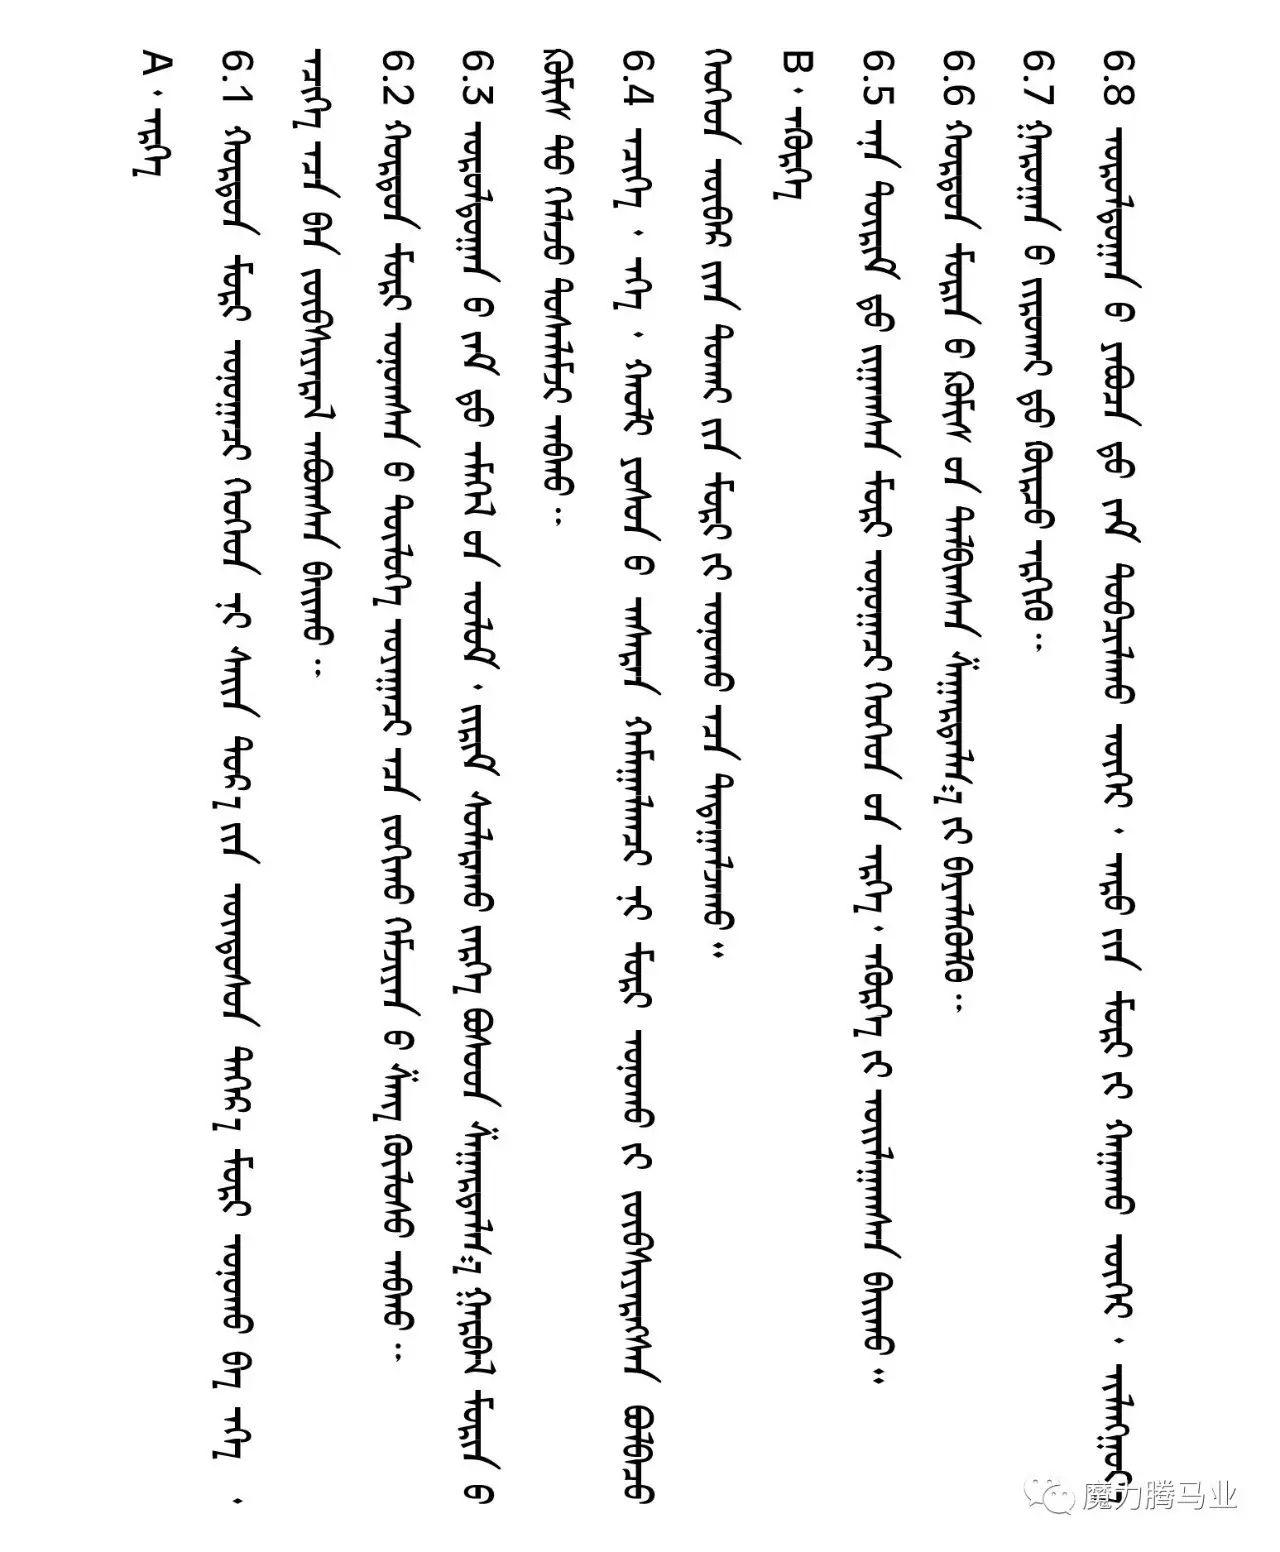 蒙古国赛马章程介绍 第37张